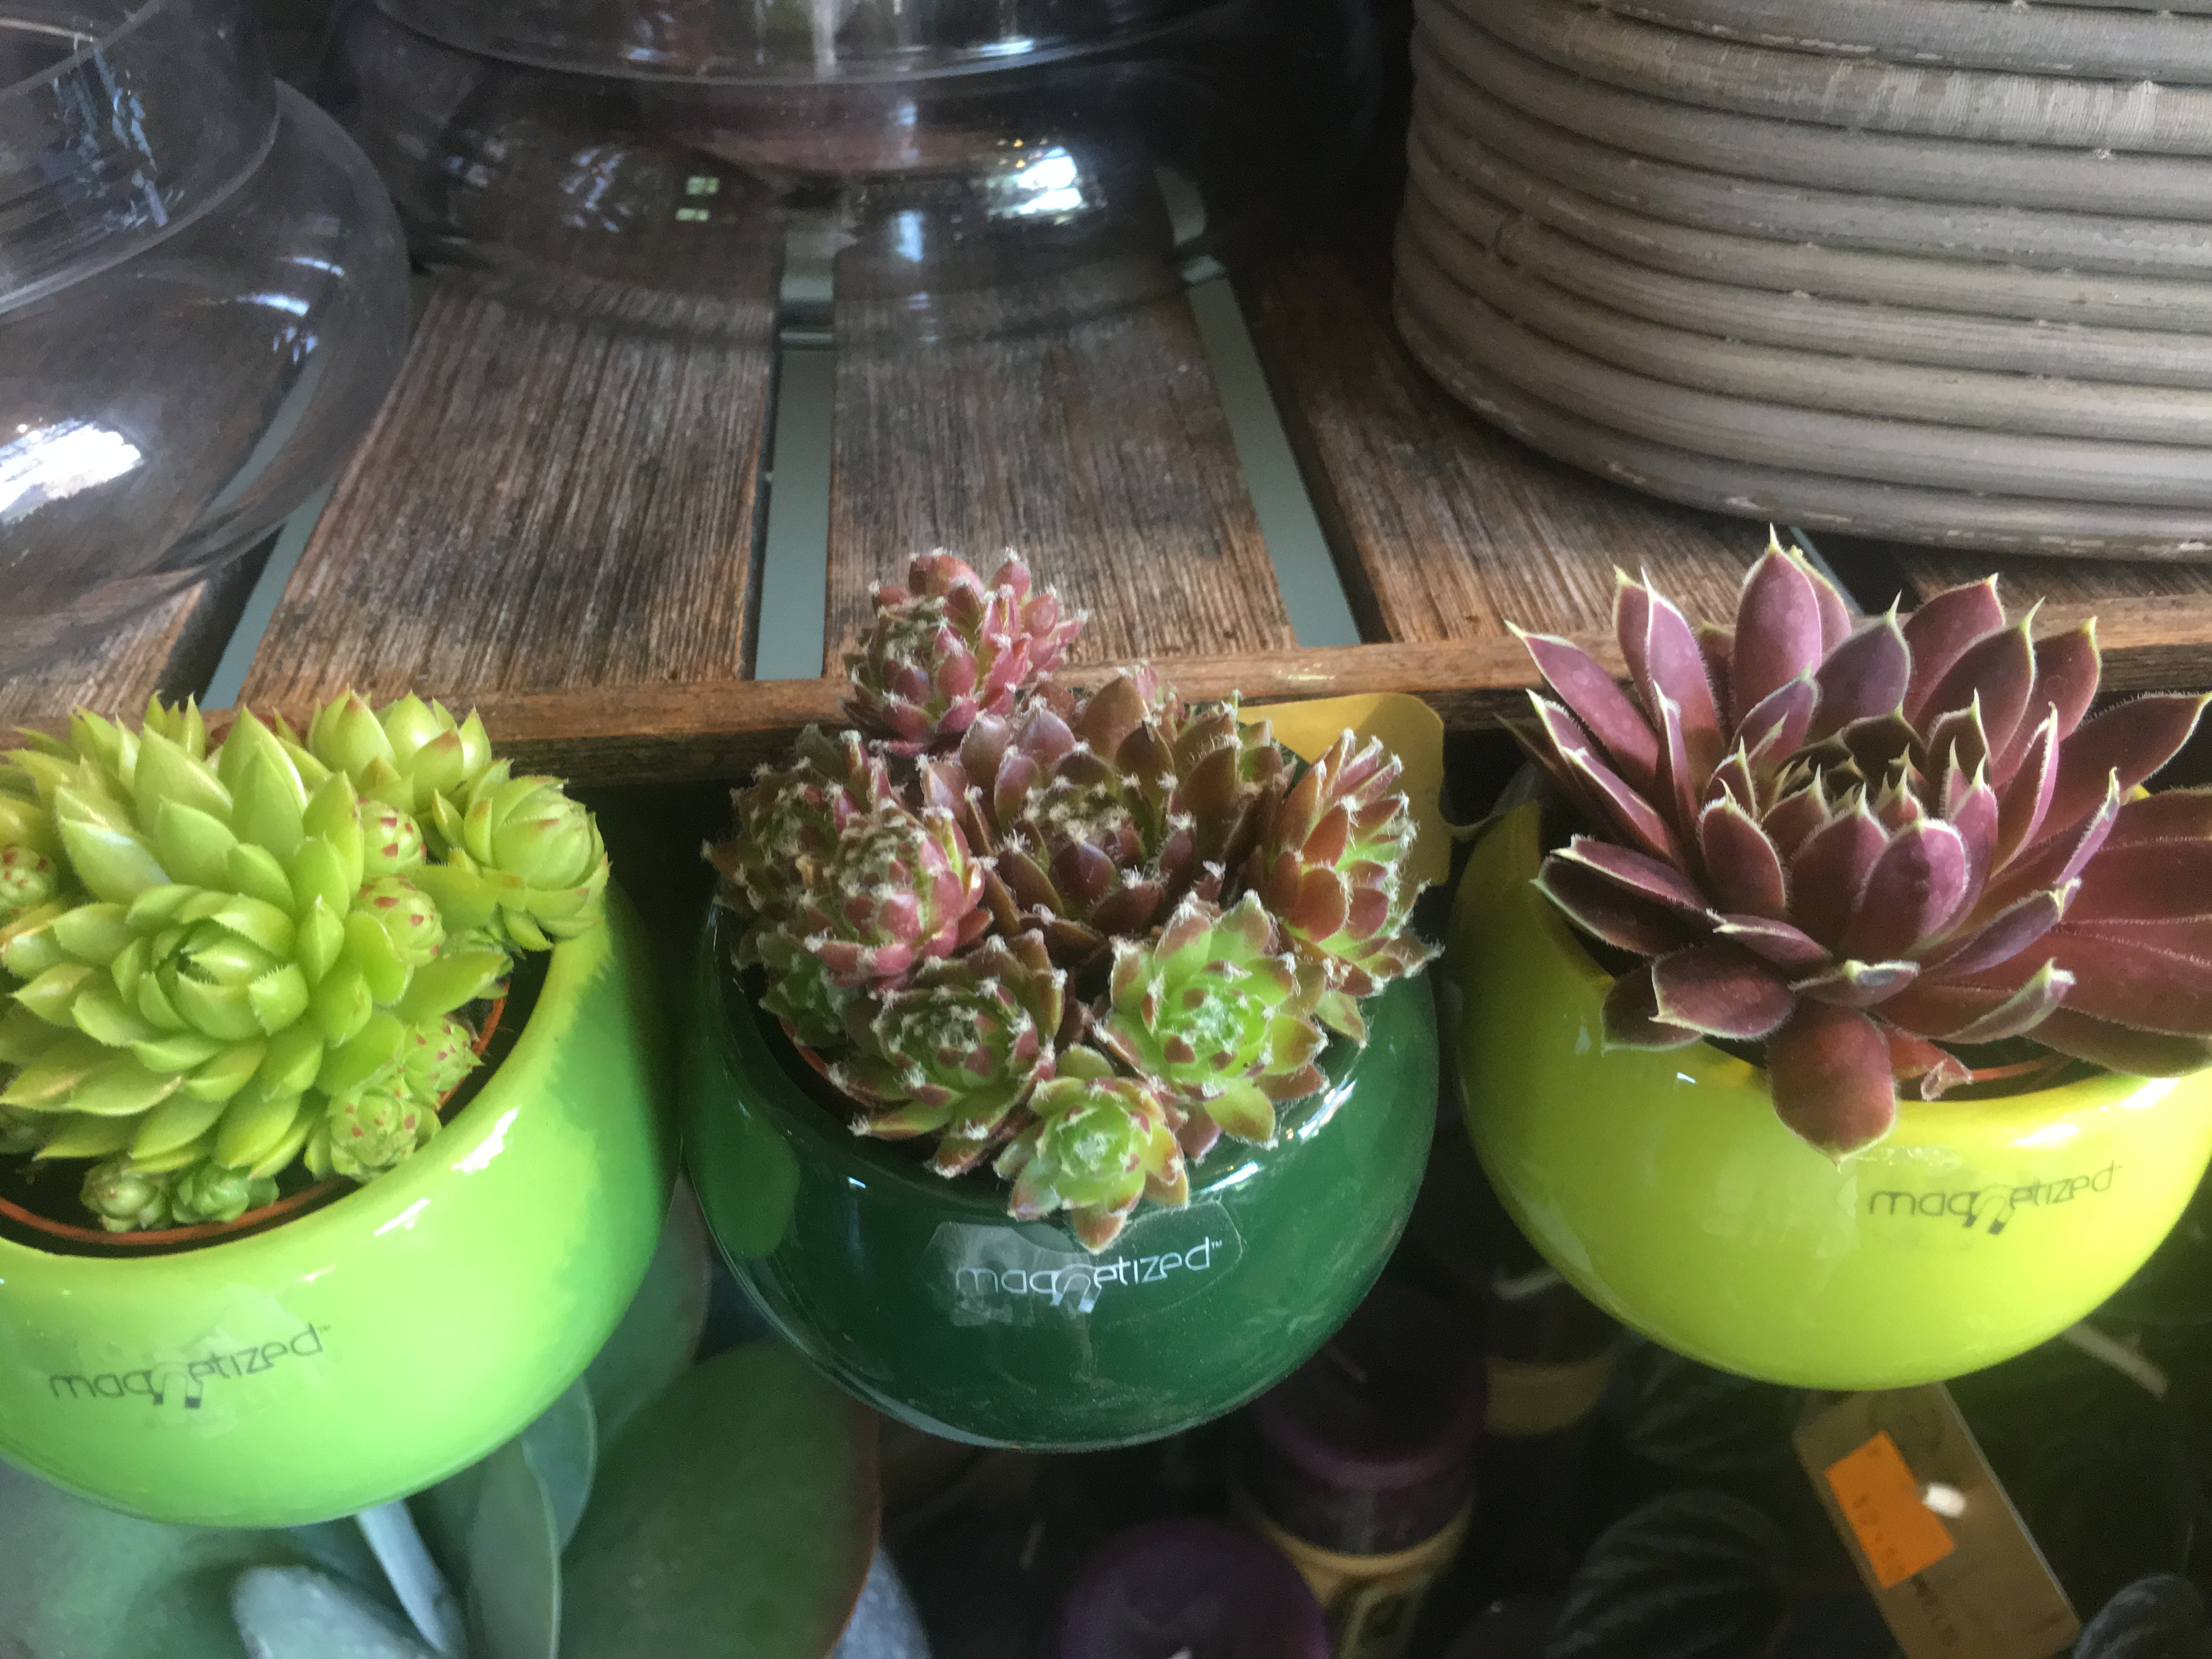 kleine magneetpotjes met vetplant